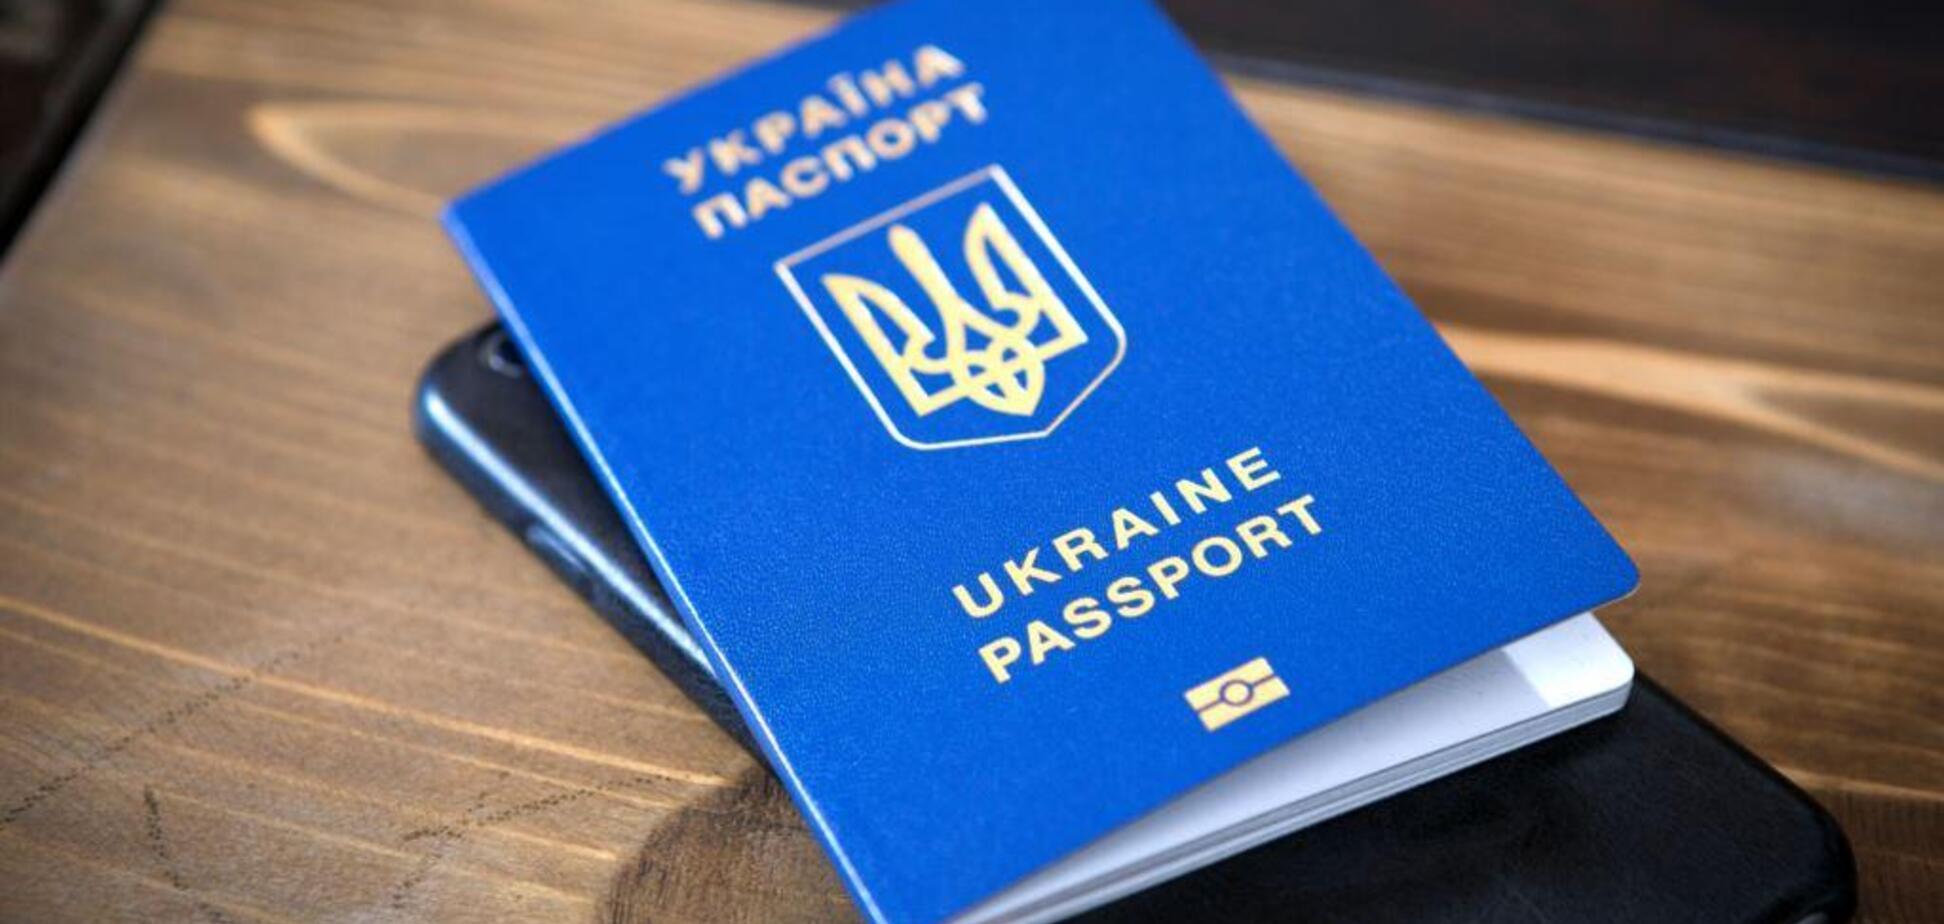 Україна втратить безвіз? Розкрита небезпека корупційного скандалу в ДМС